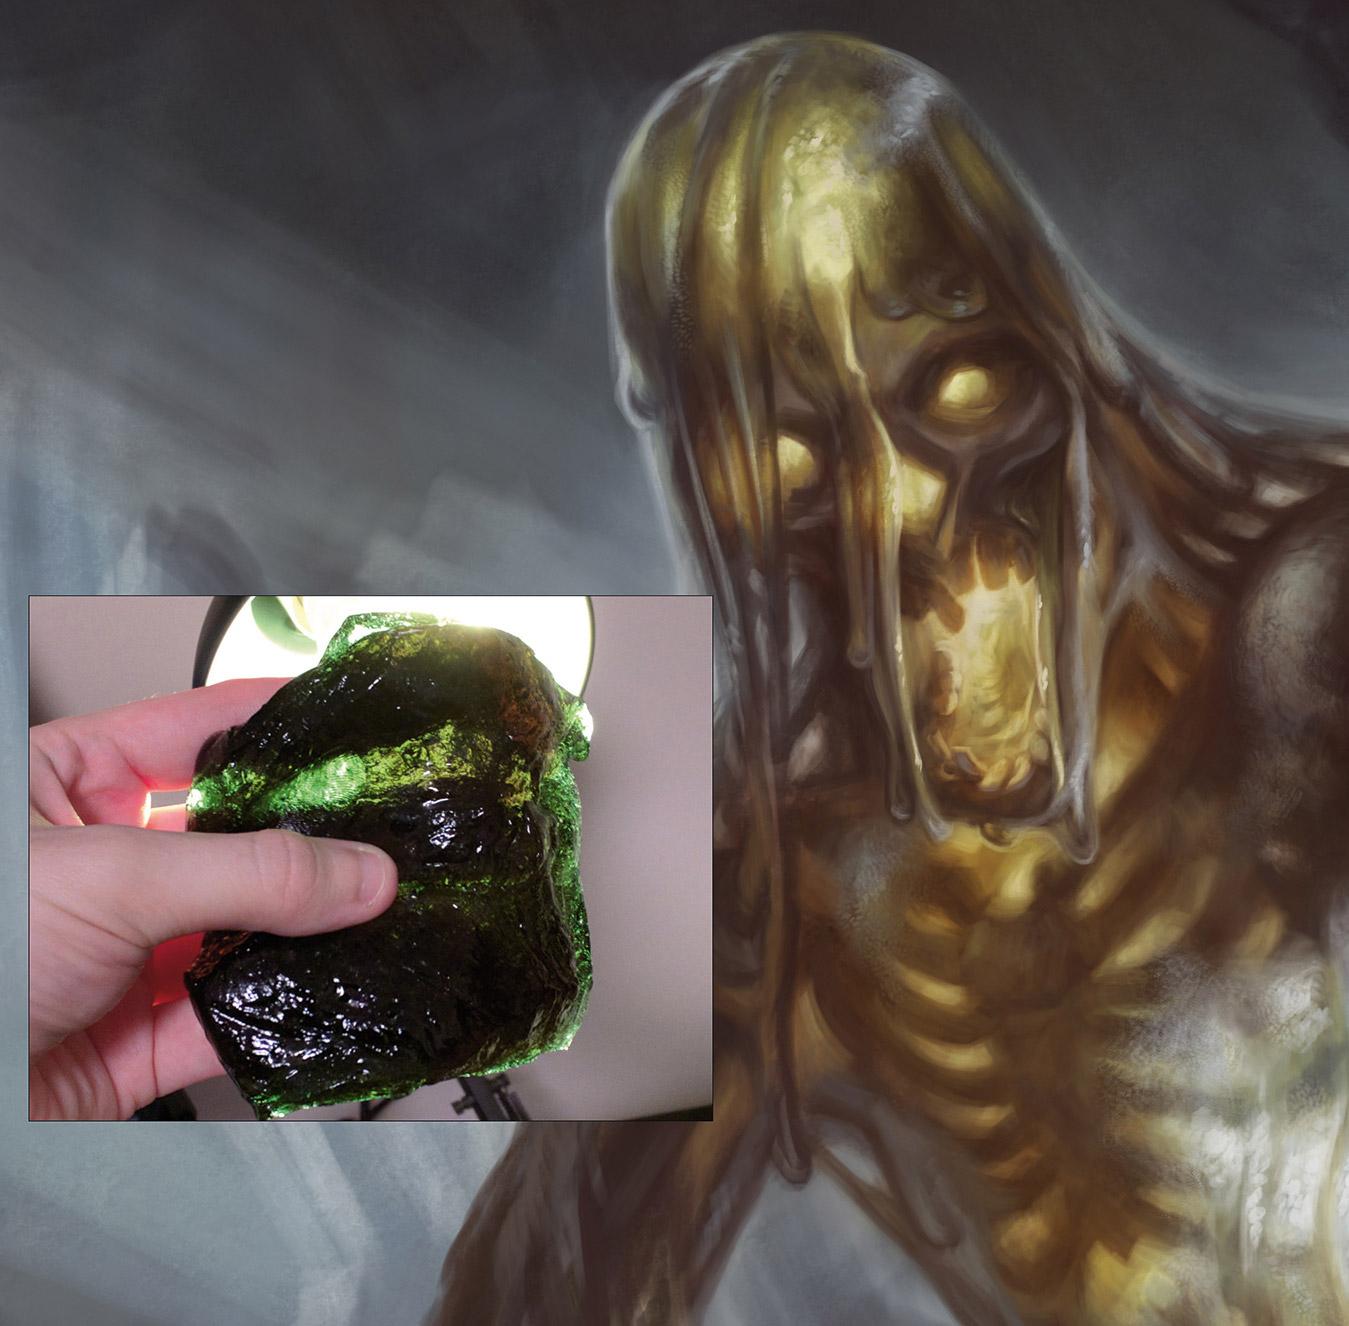 Slime character